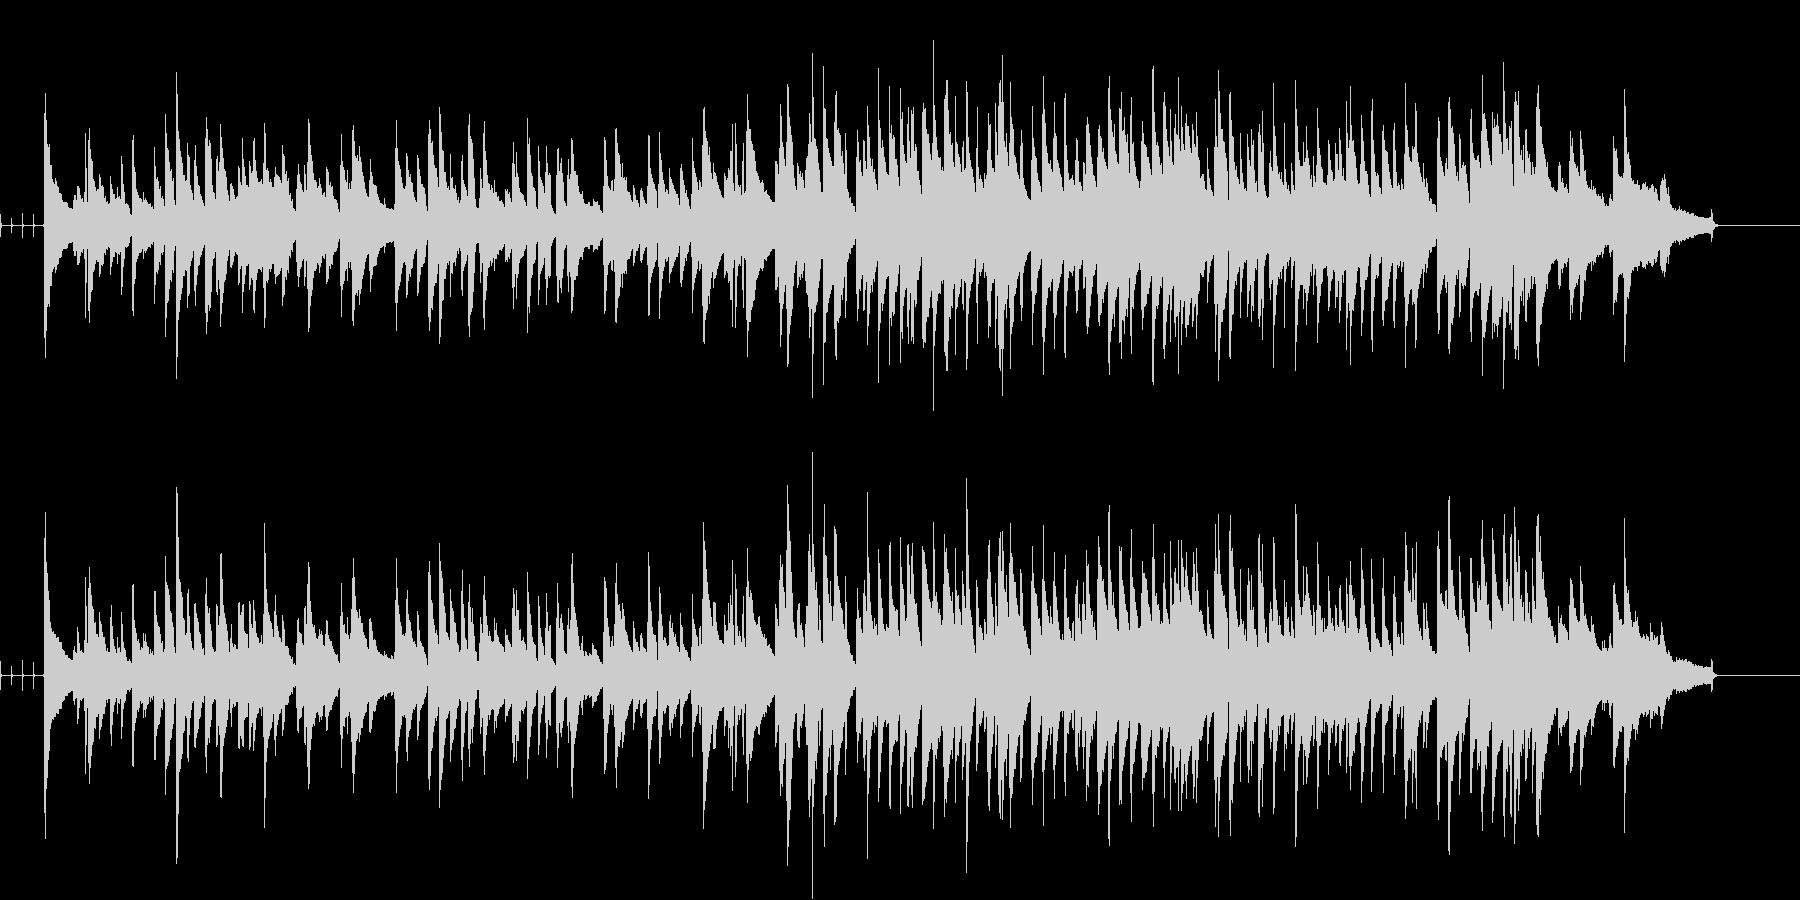 ゆっくりなテンポのジャズっぽい曲の未再生の波形